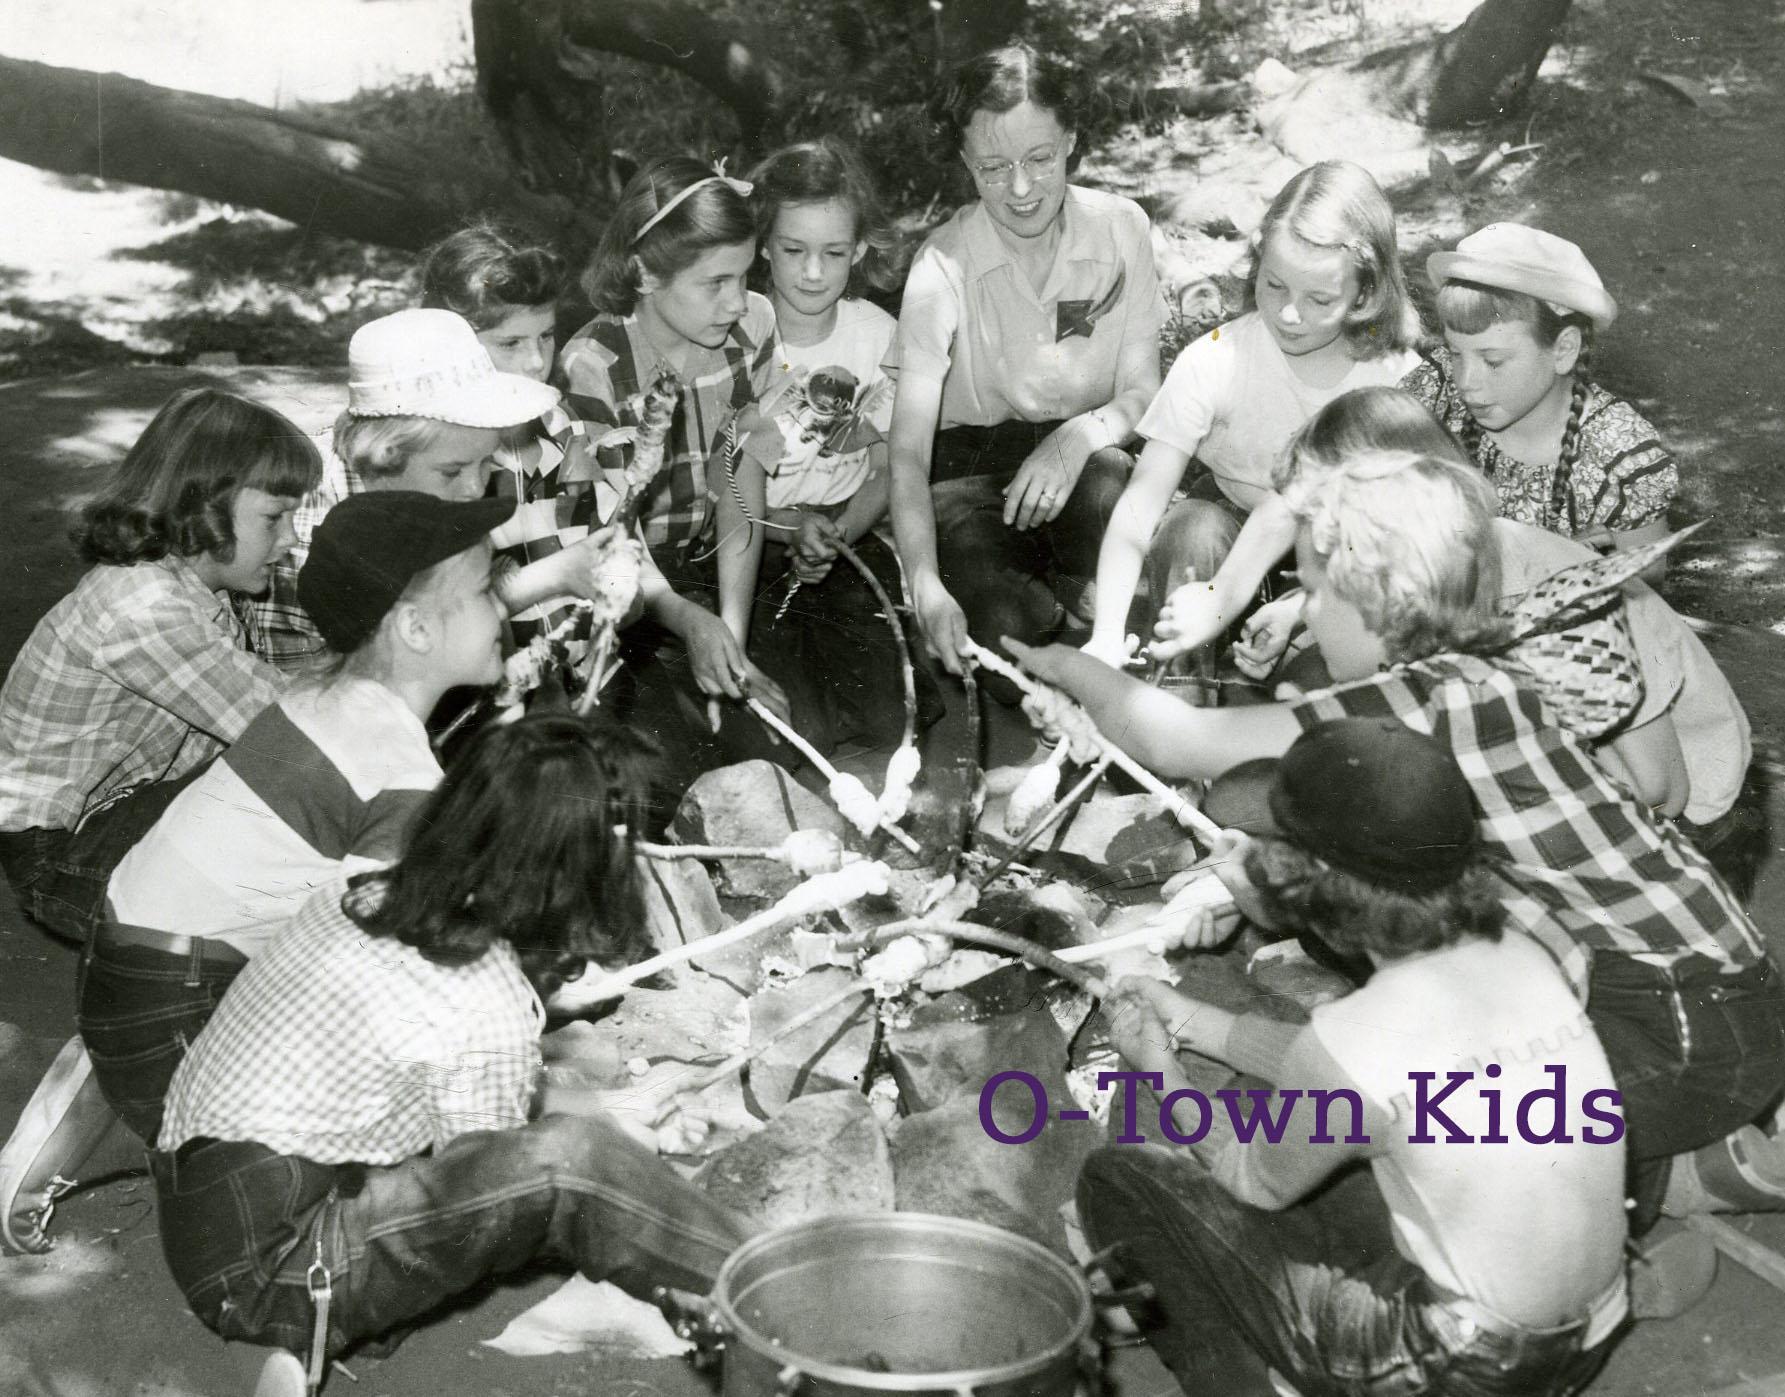 O-Town Kids